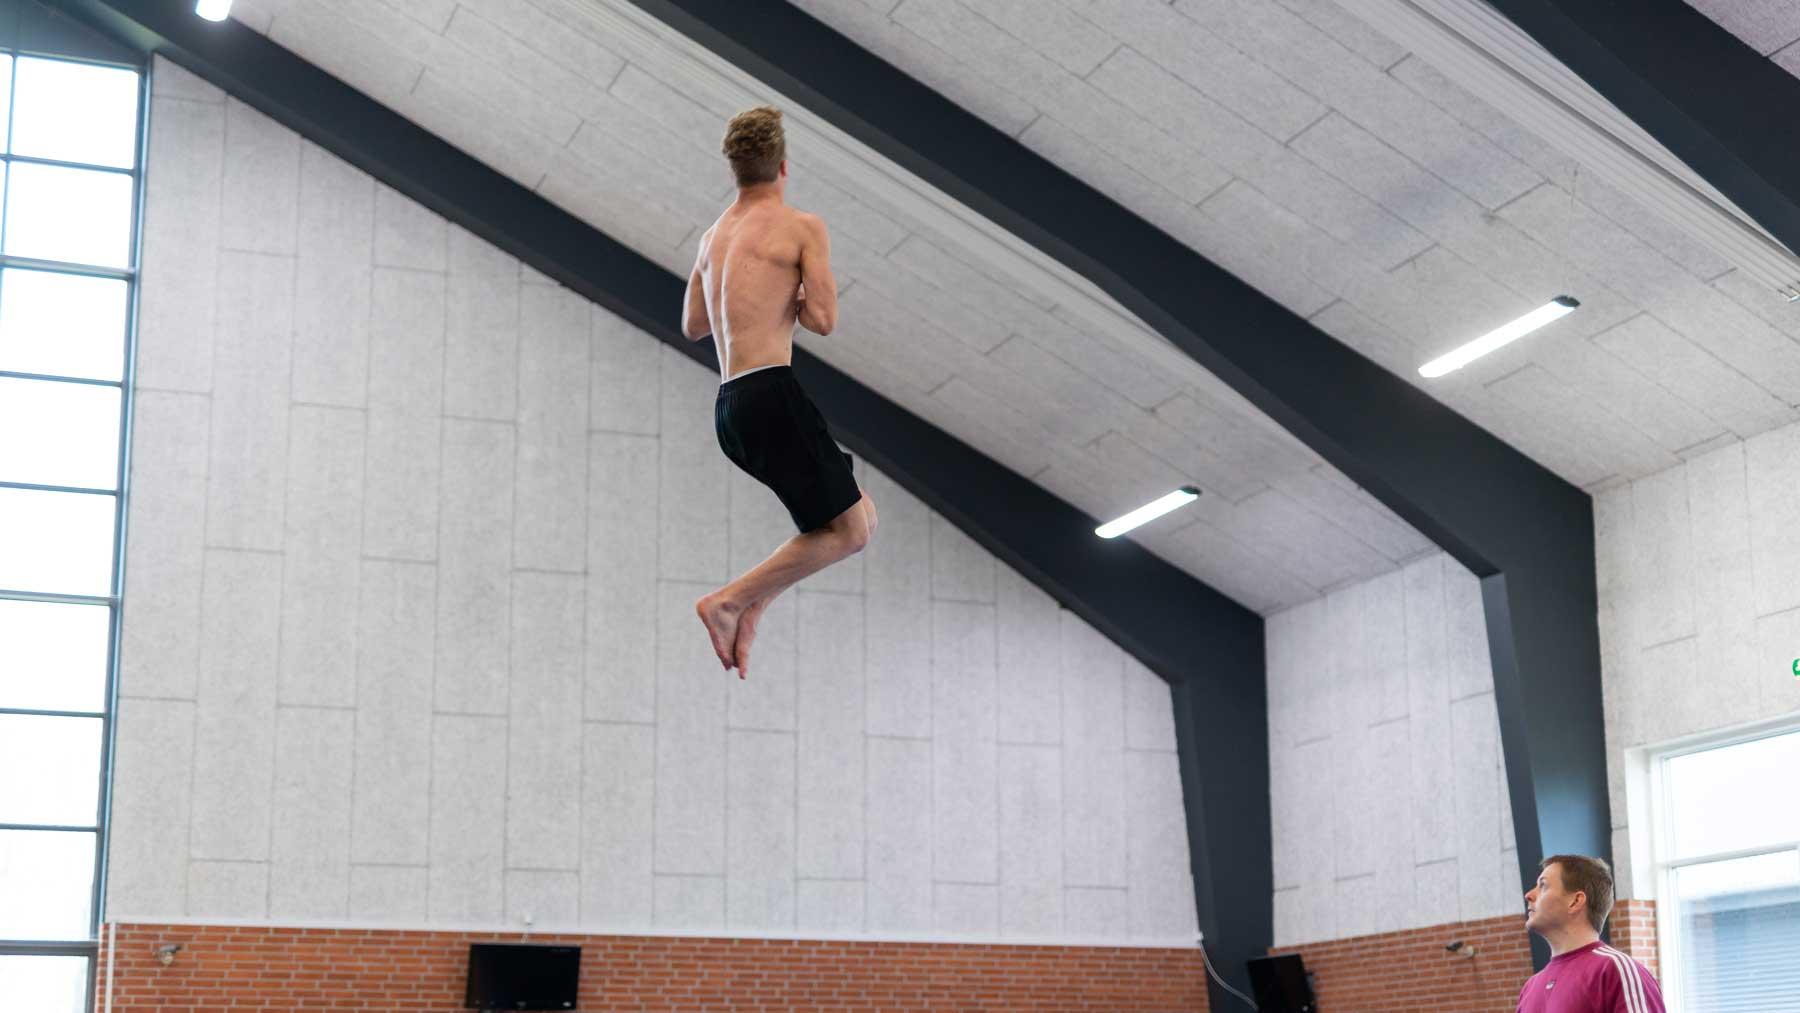 dreng hænger i luften i spring